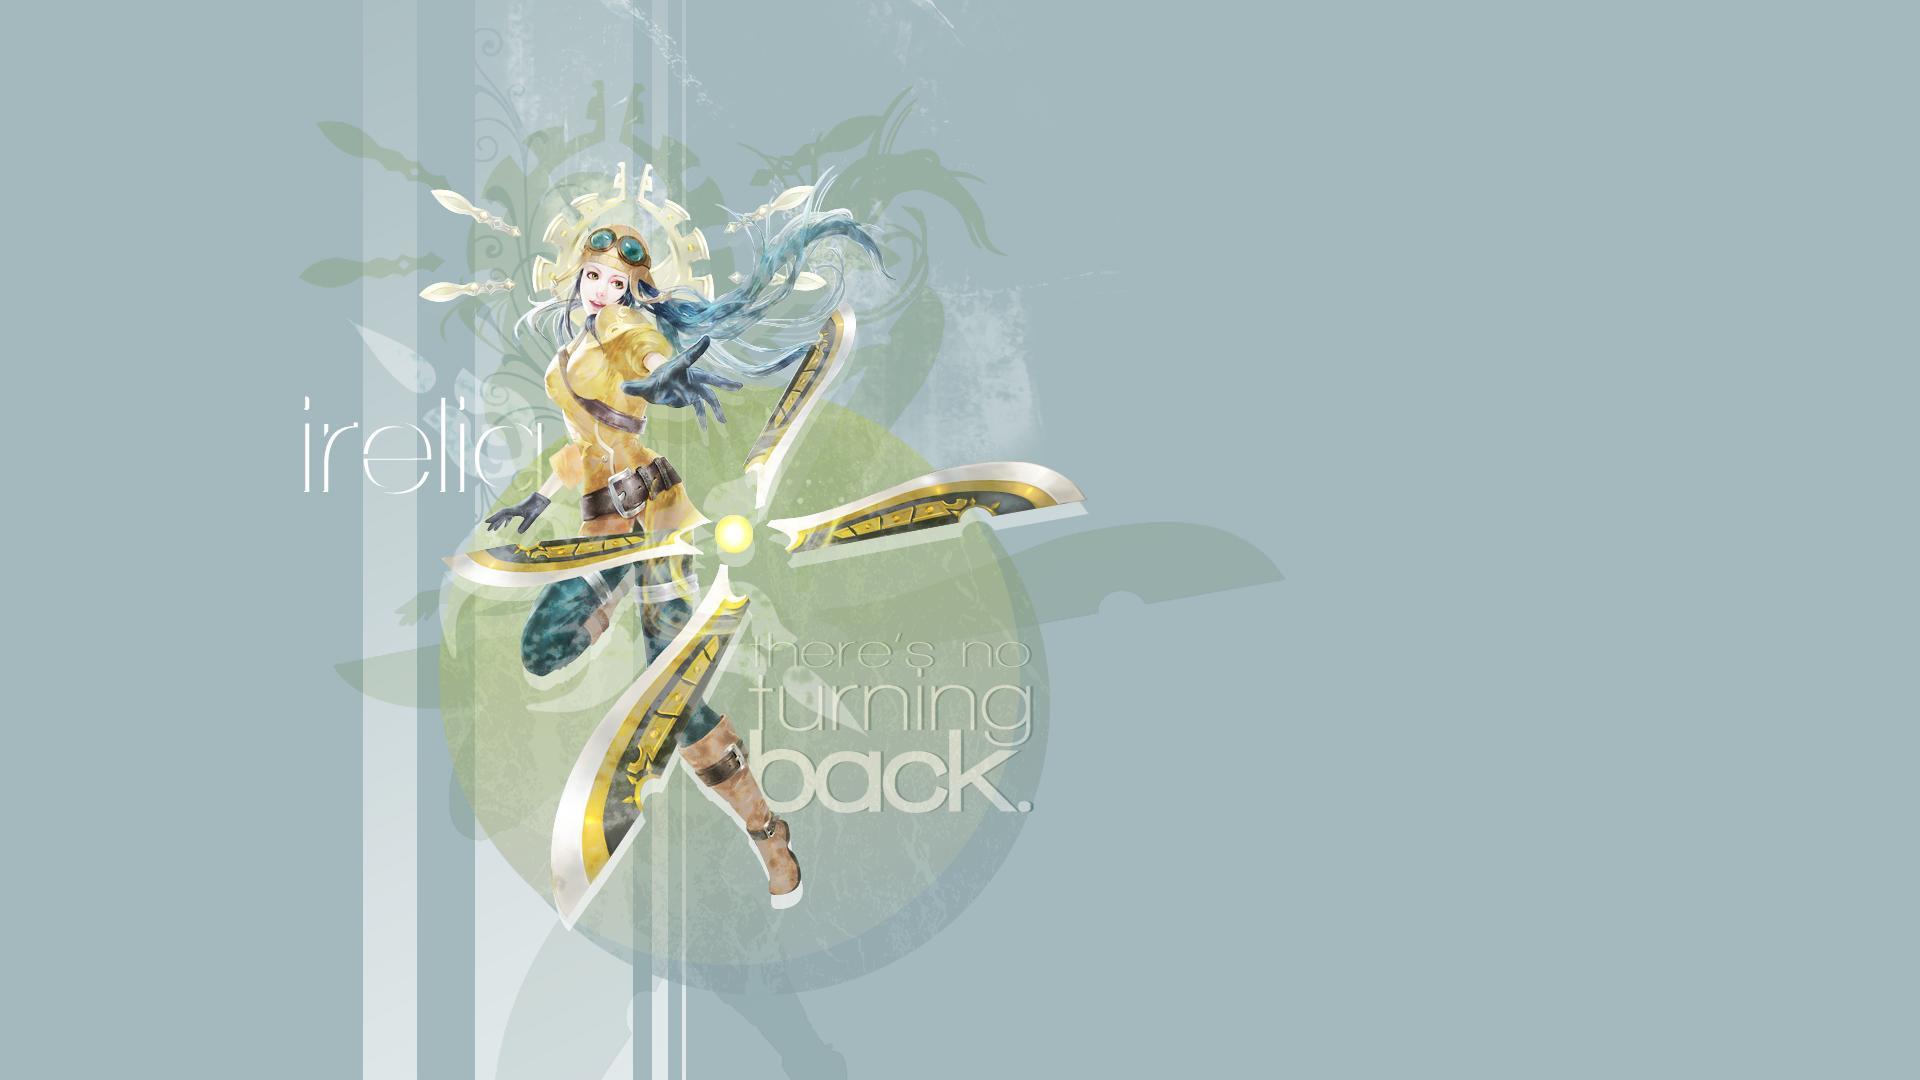 Irelia wallpaper by Renako